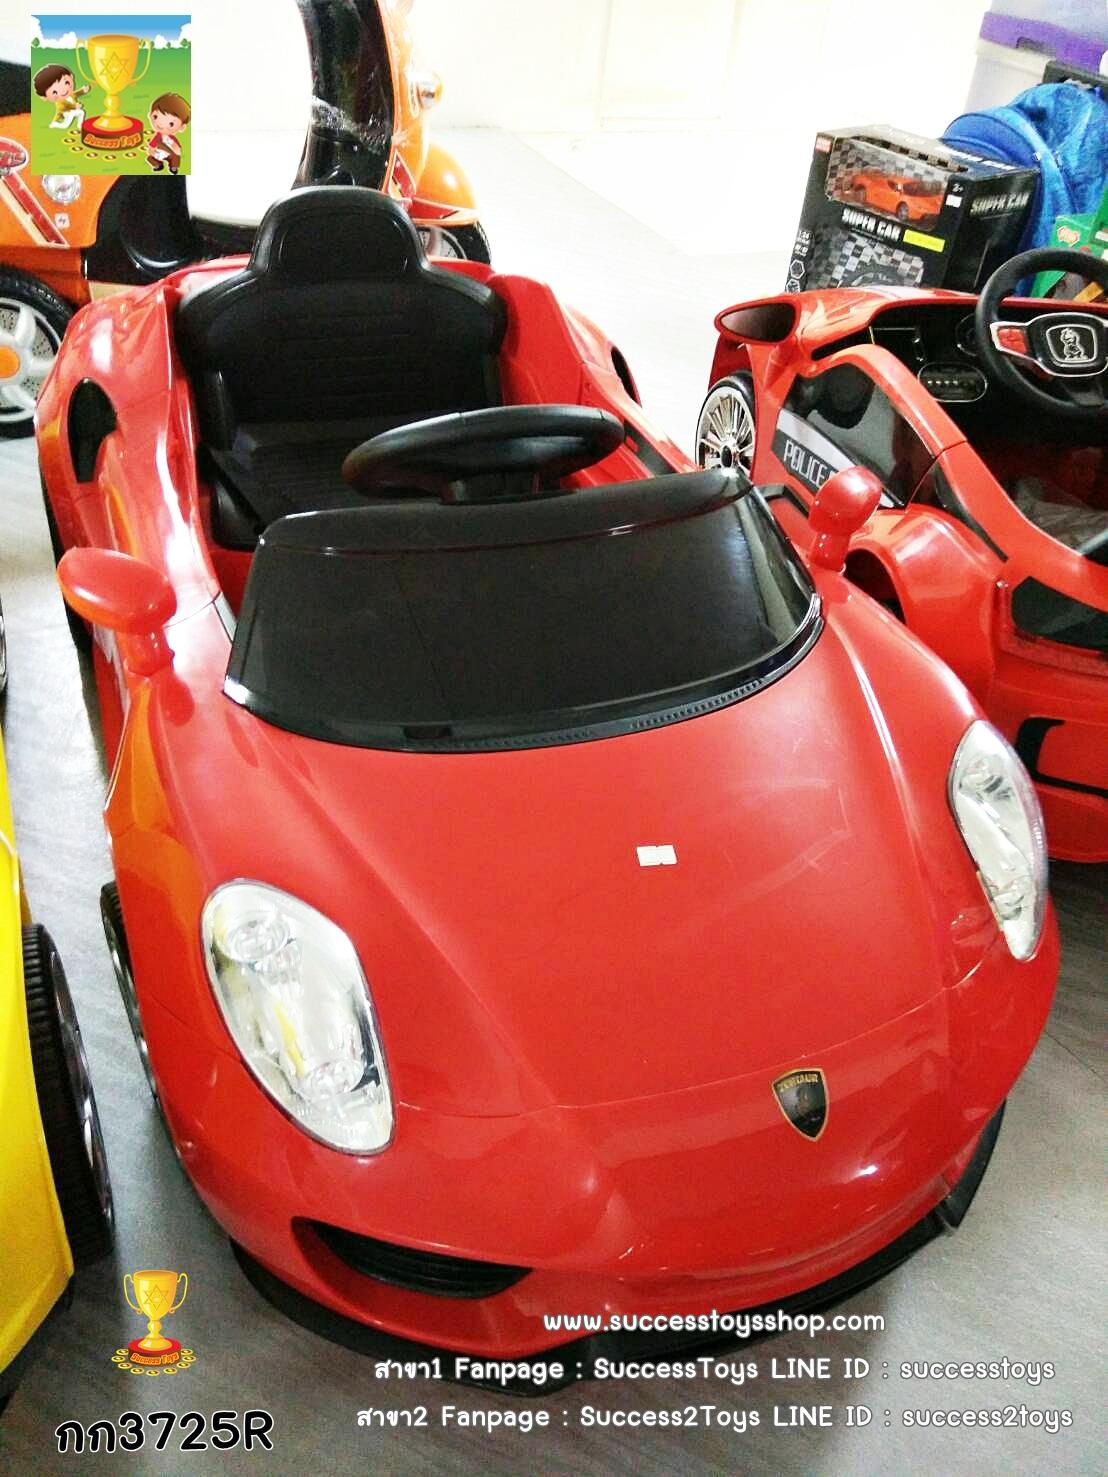 กก3725R รถแบตเตอรี่เด็กนั่งไฟฟ้า รถปอร์ตlีแดง 2 มอเตอร์